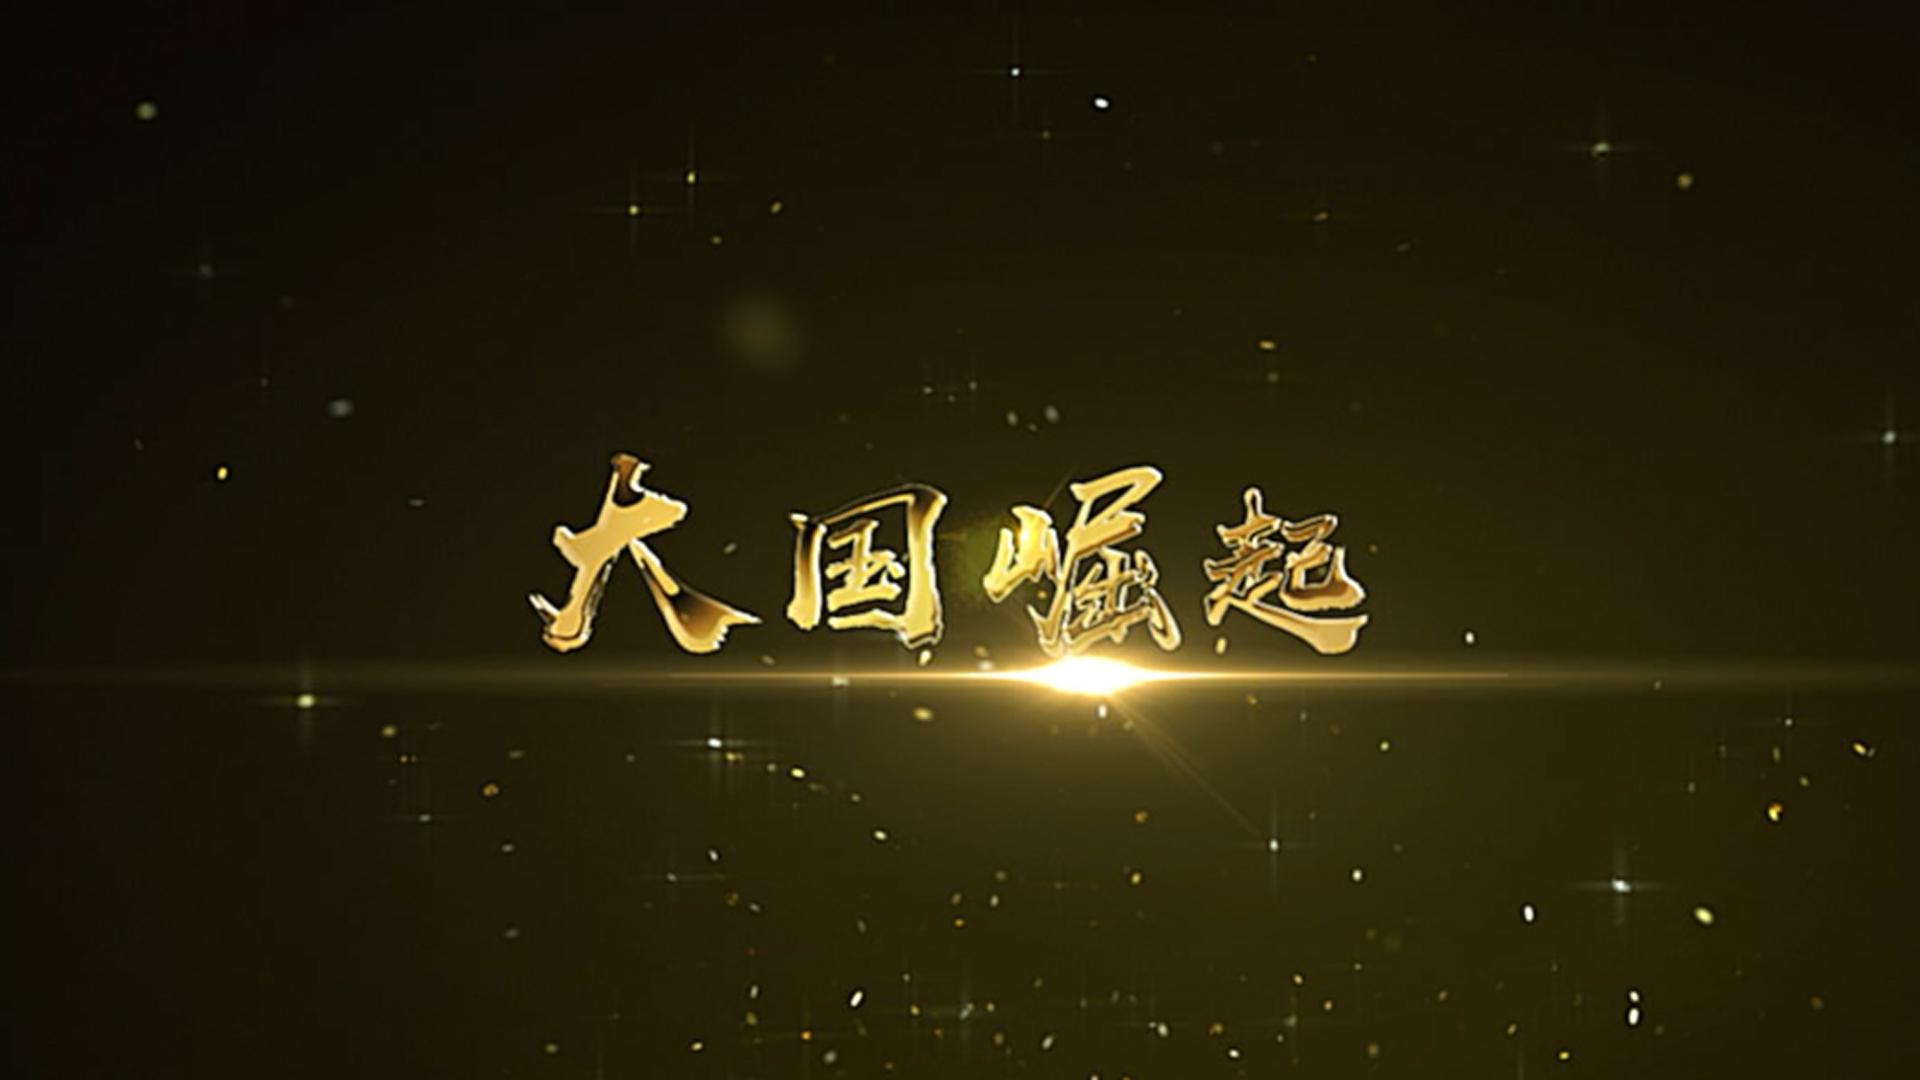 粒子光线金色文字logo特效